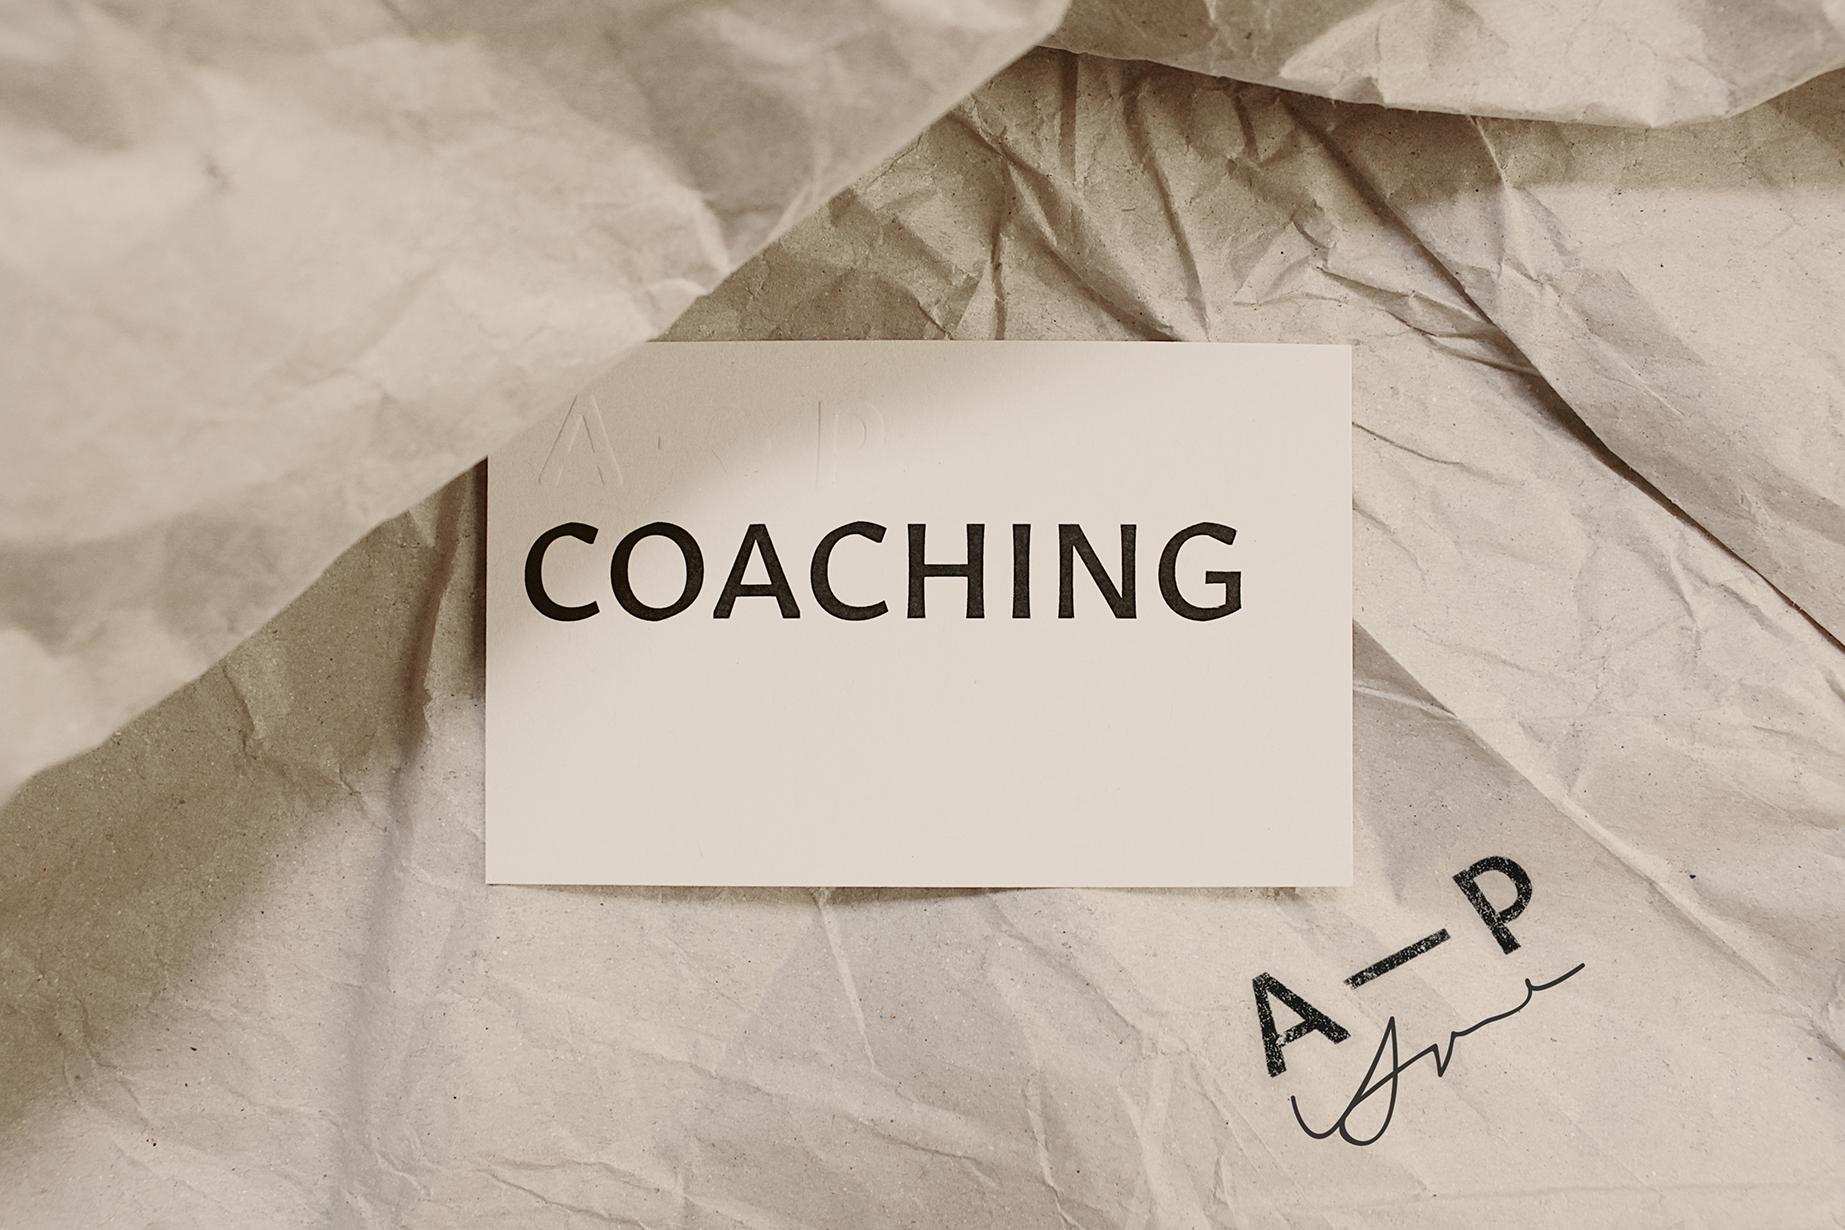 A–P_Coaching_07.jpg